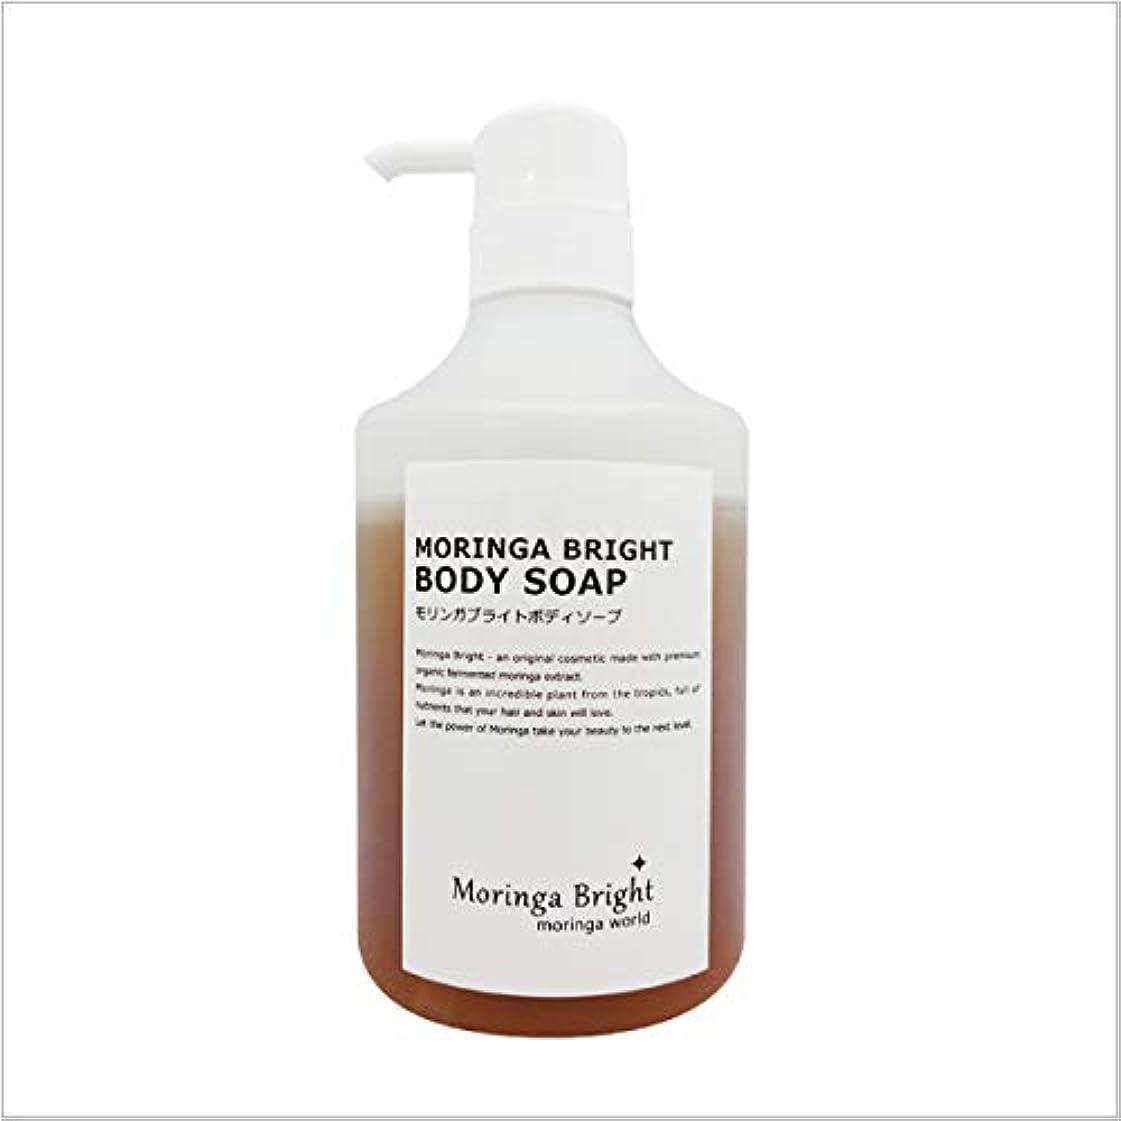 出会いなんとなく強度無添加ボディ&洗顔ソープ モリンガブライトボディソープ450ml 洗顔もできる無添加ボディソープ オーガニックモリンガを乳酸発酵させた保湿美容成分「発酵モリンガエキス」配合